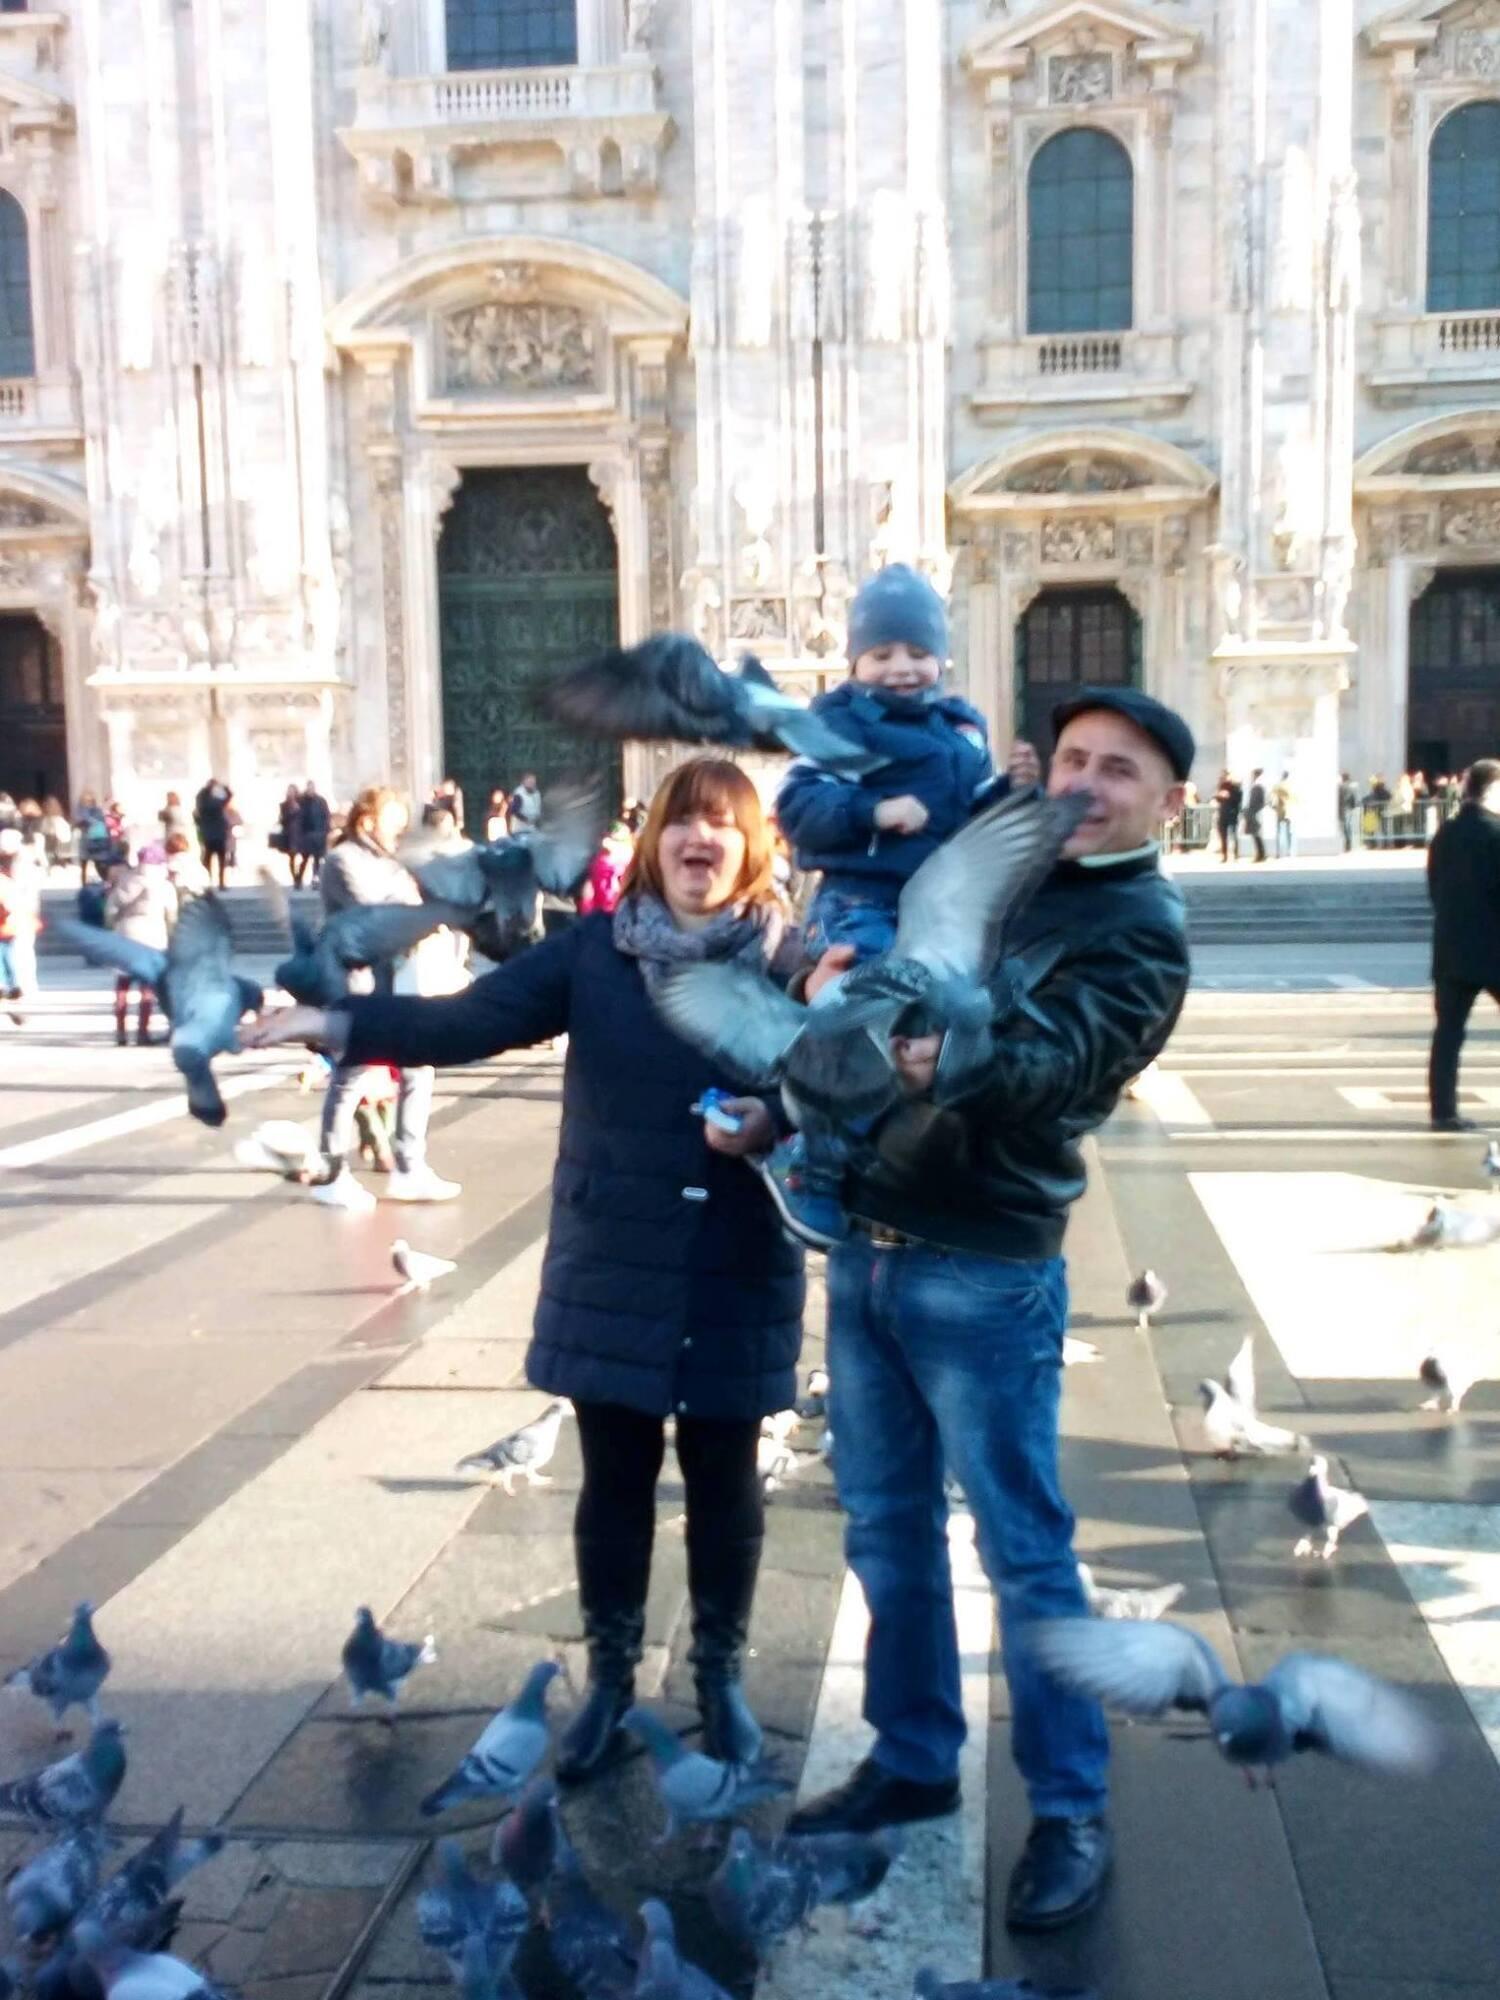 Сім'я вже кілька років живе в Італії